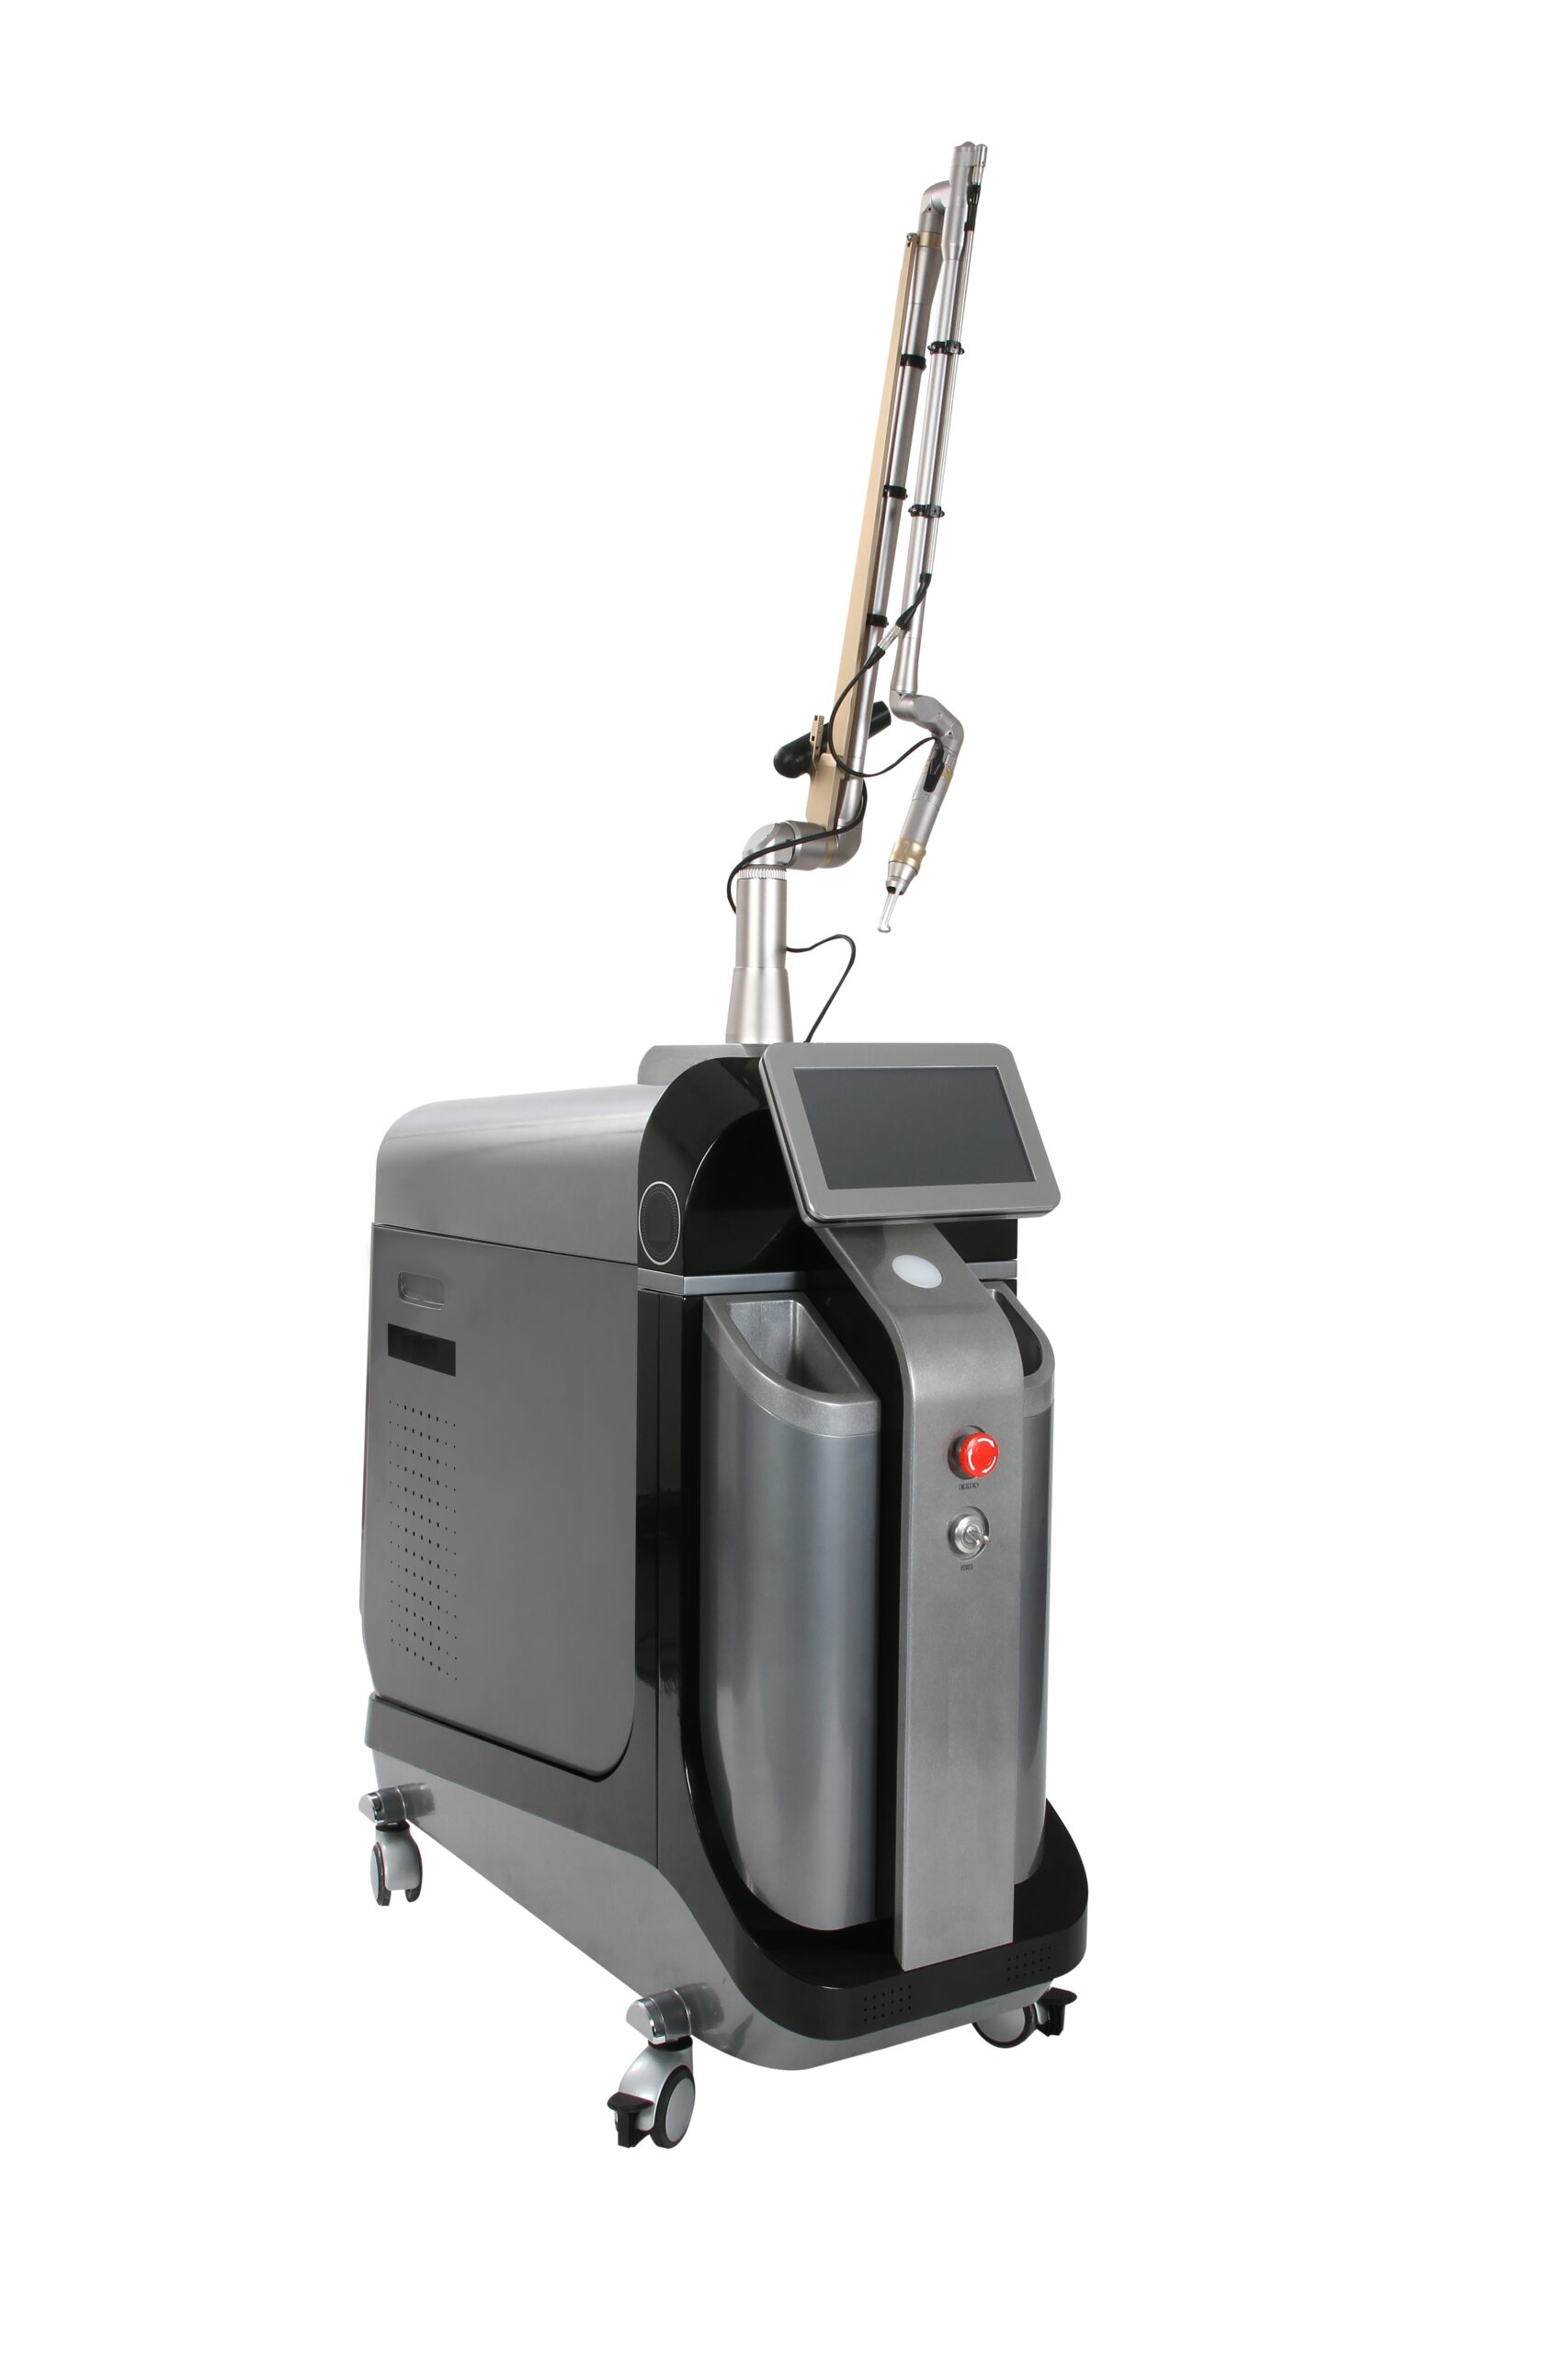 Пикосекундный Nd:YAG лазер PICO PREMIUM по специальной цене